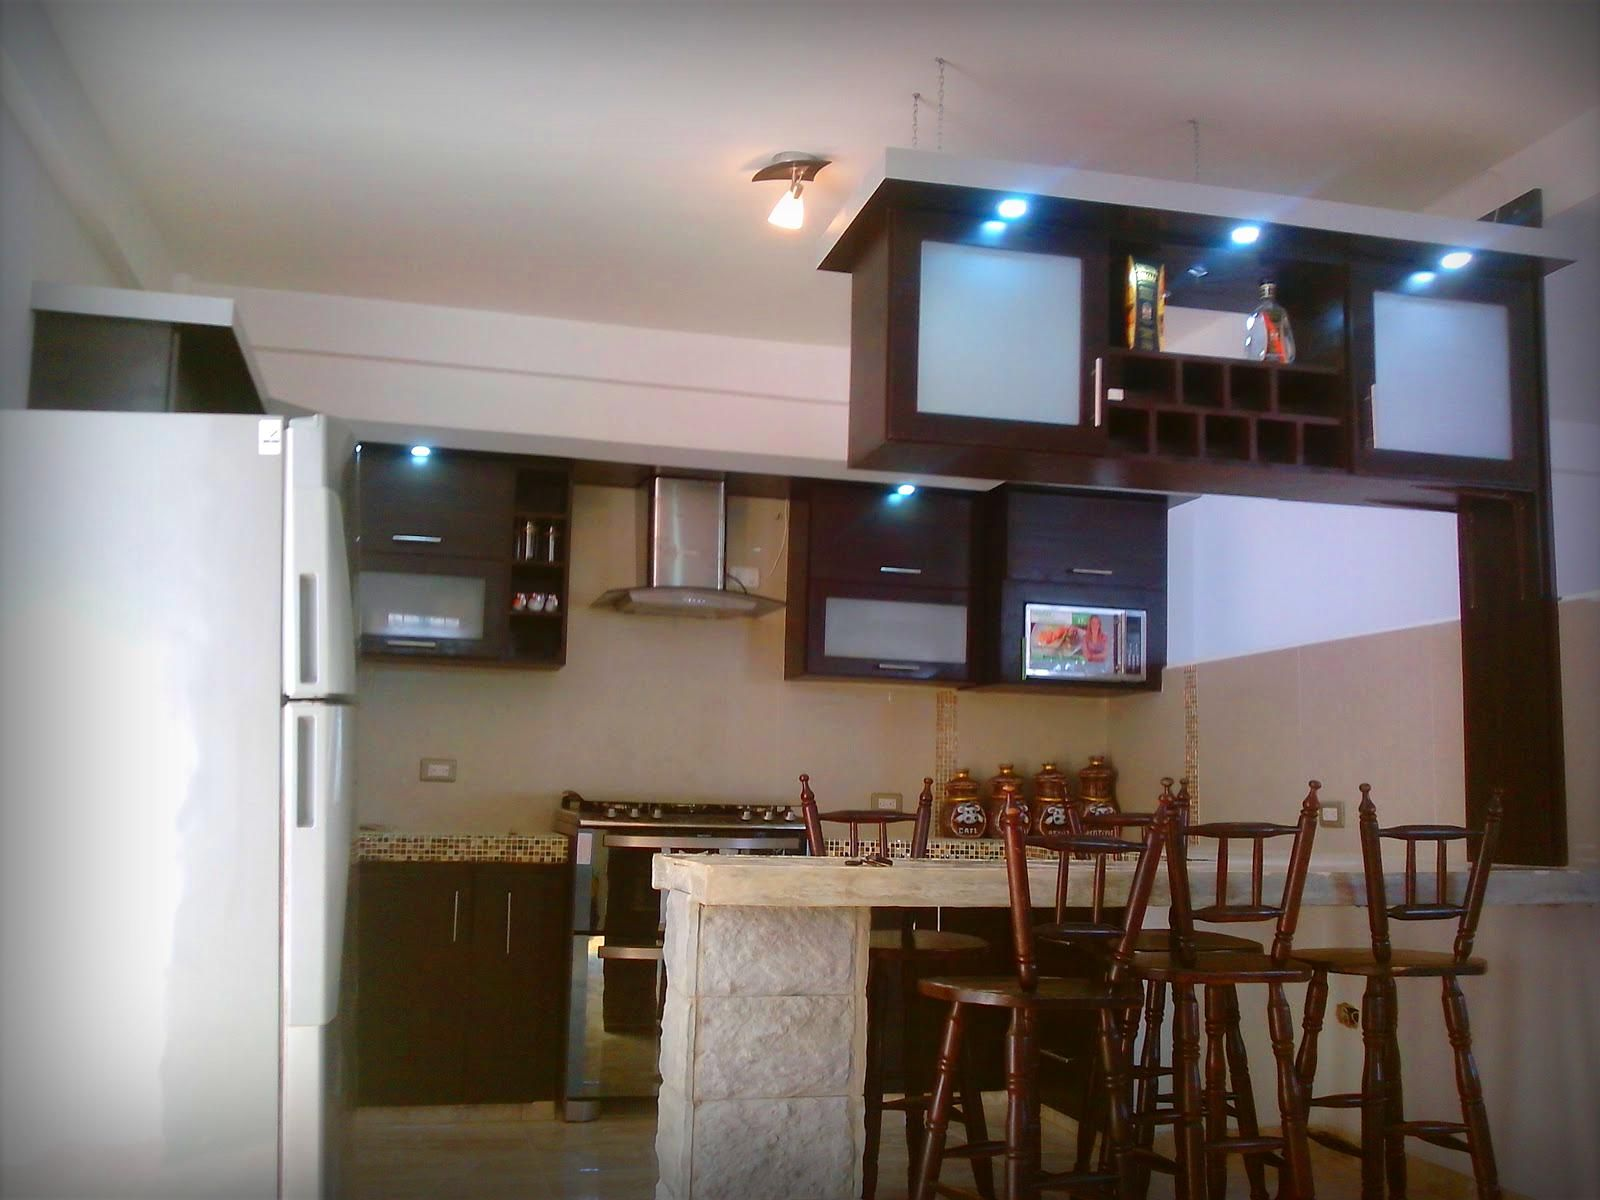 Vinera personalizada para tu mueble de cocina vineras for Mueble barra cocina